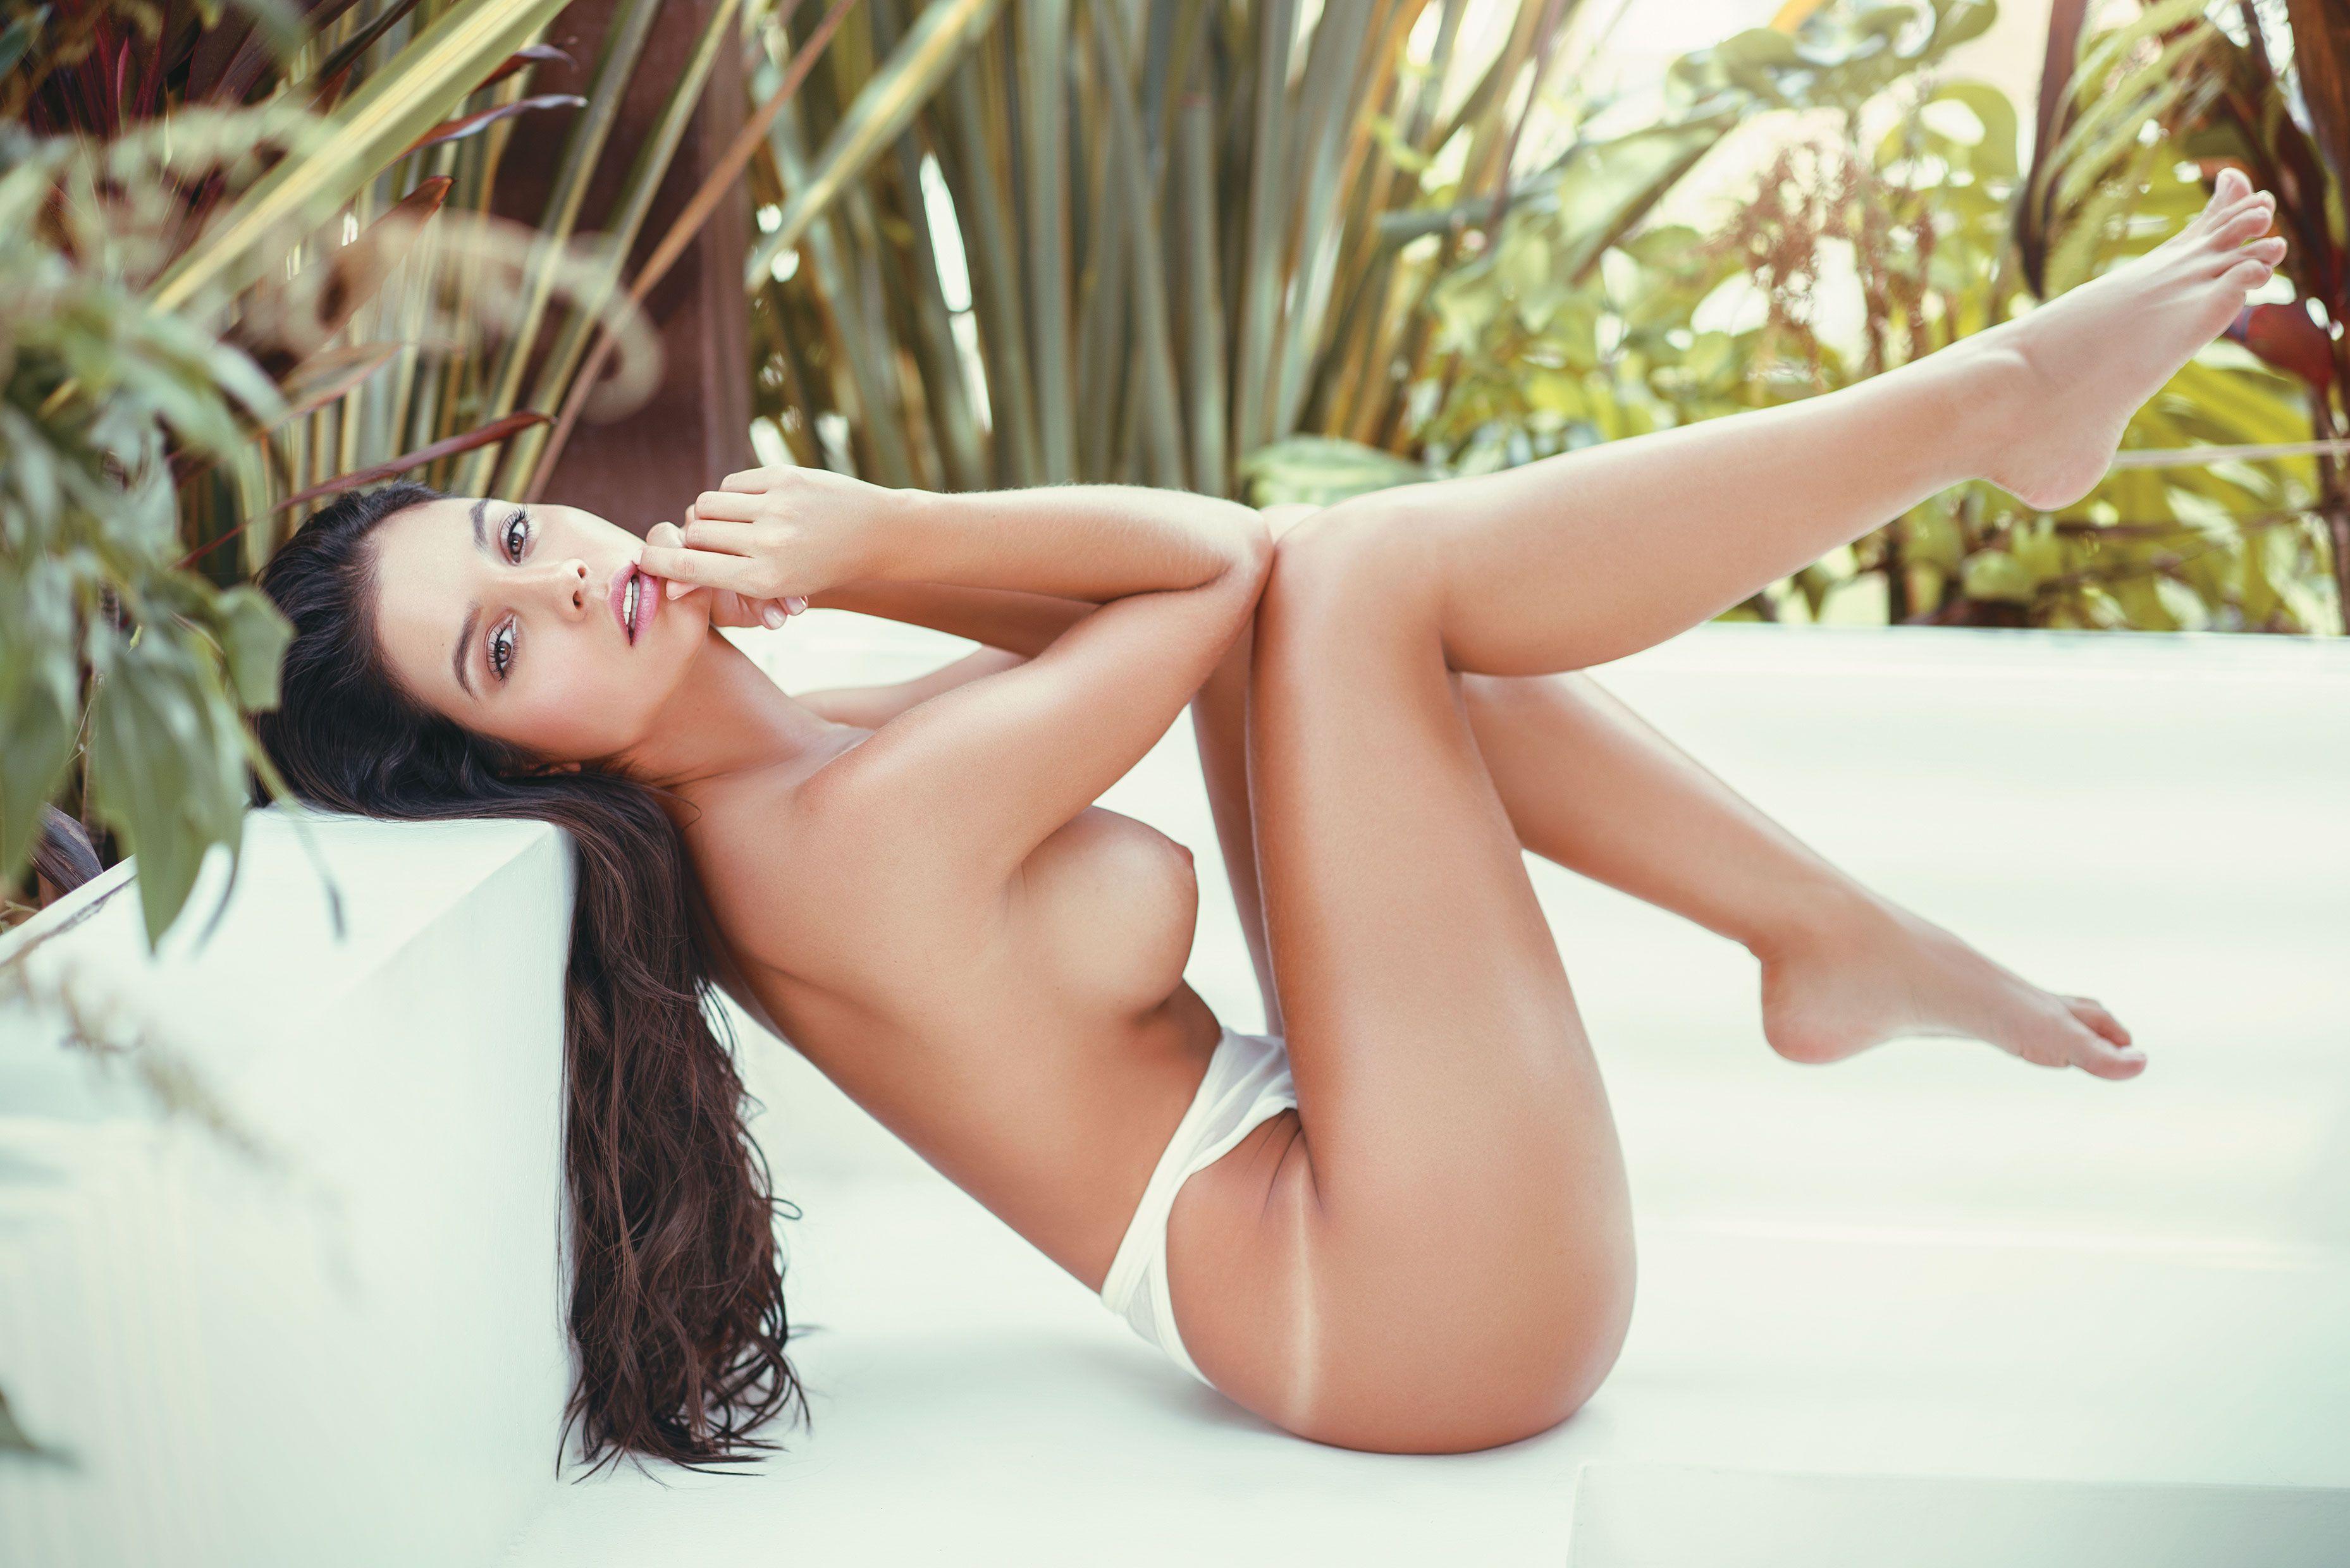 El primer desnudo de María Fernanda Muriel | Hot Chics ...